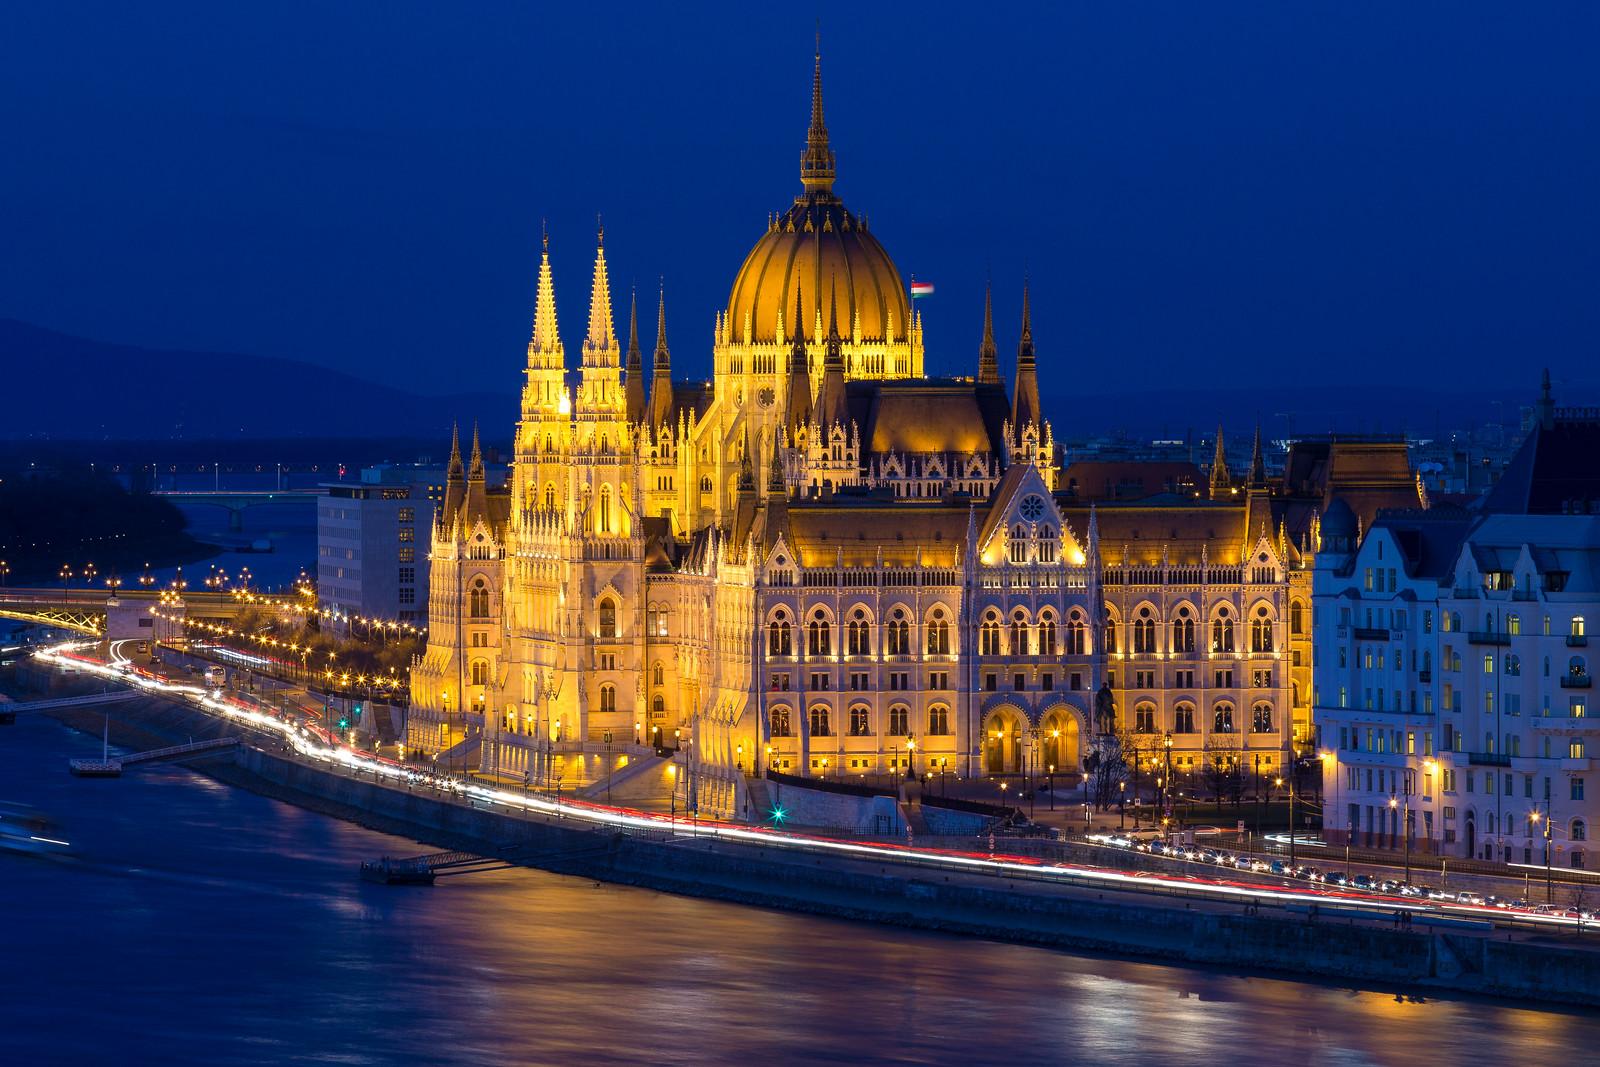 Parlament a kékórában éjszaka a Budai Várból